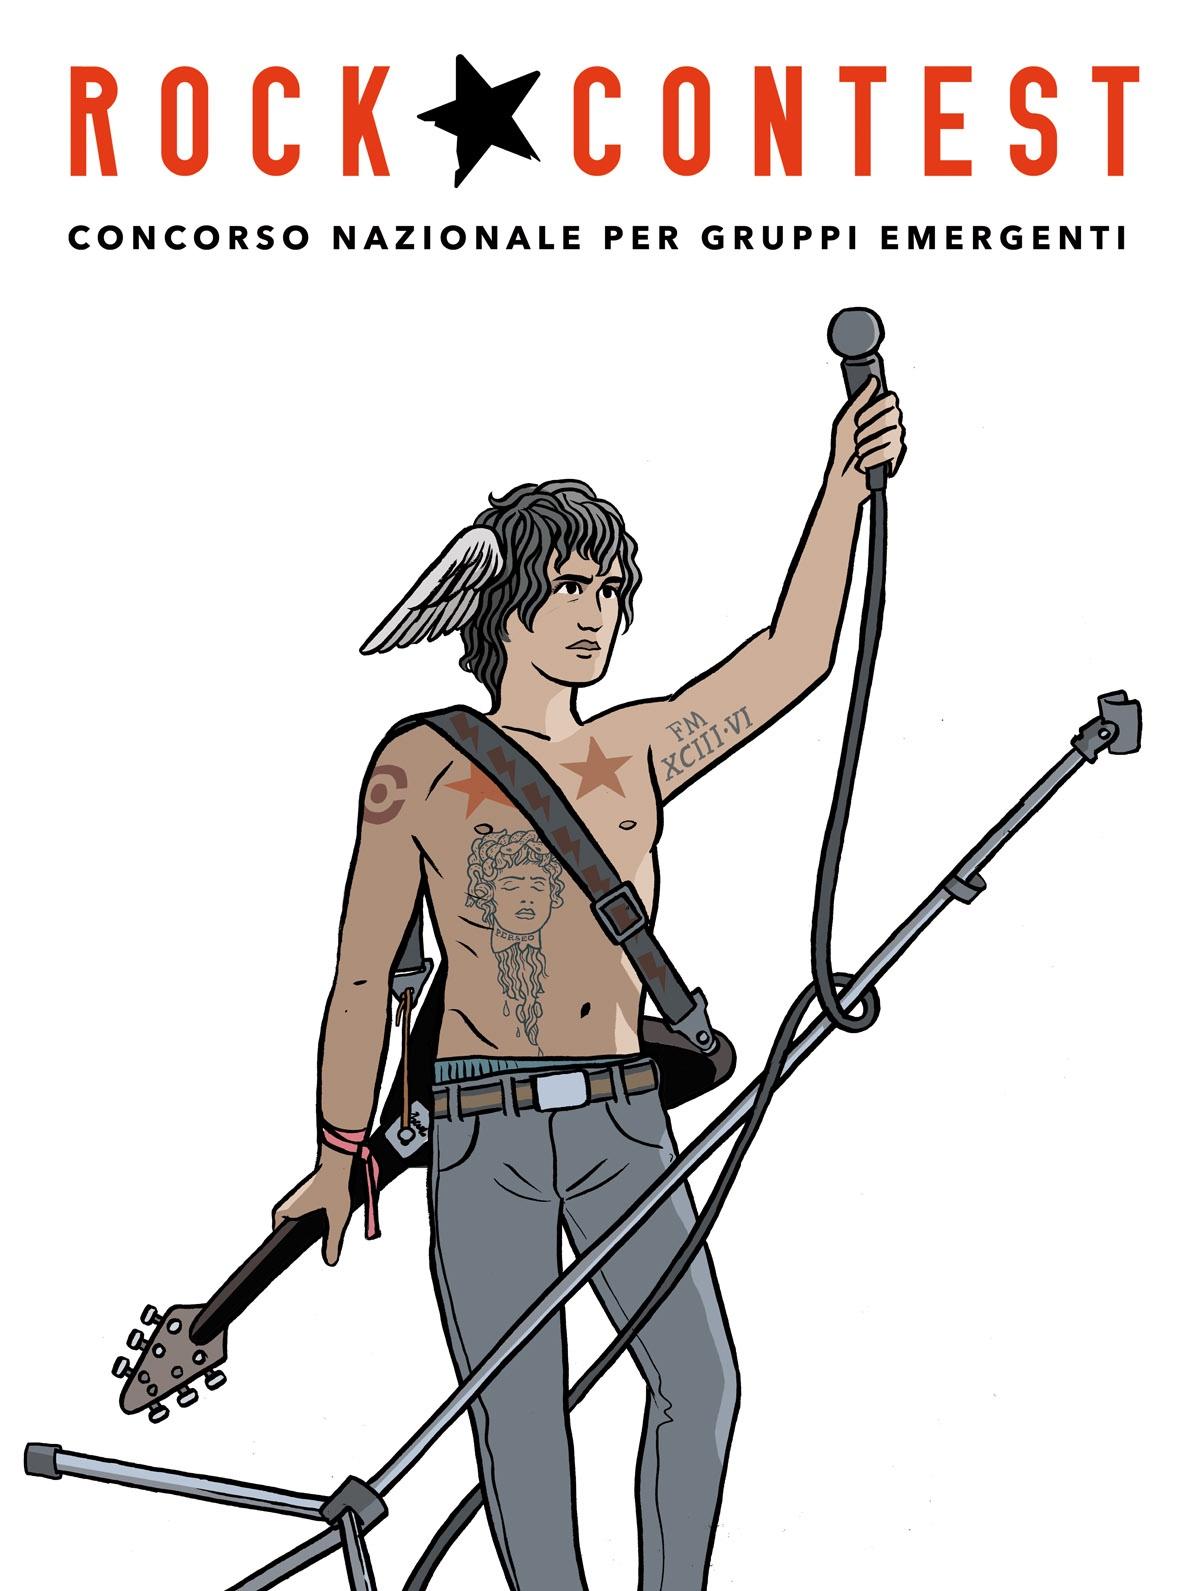 29° Rock Contest di Controradio: puoi iscriverti fino al 6 ottobre